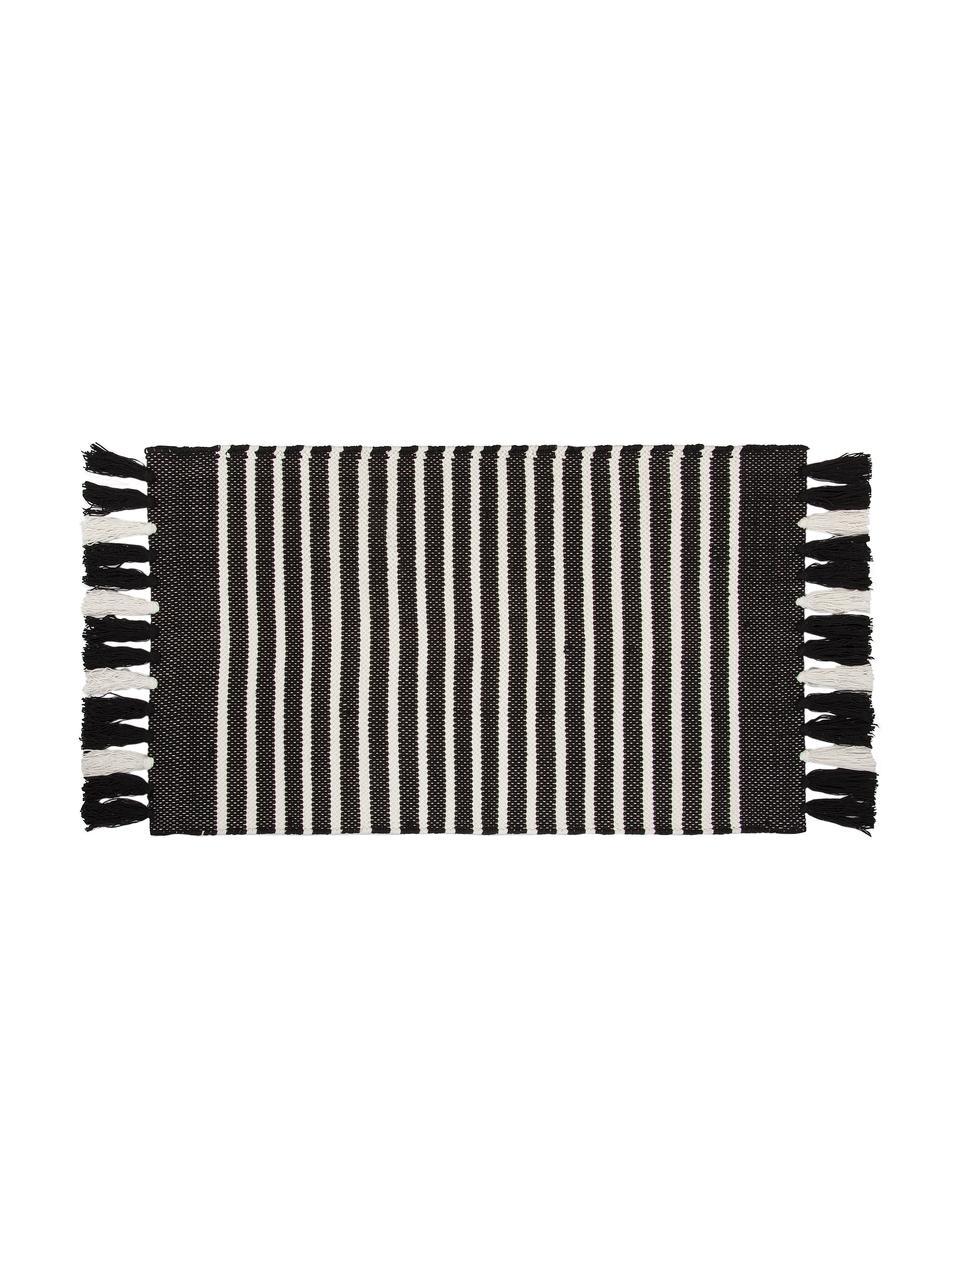 Gestreifter Badvorleger Stripes & Structure mit Fransenabschluss, 100% Baumwolle, Anthrazit, gebrochenes Weiß, 60 x 100 cm